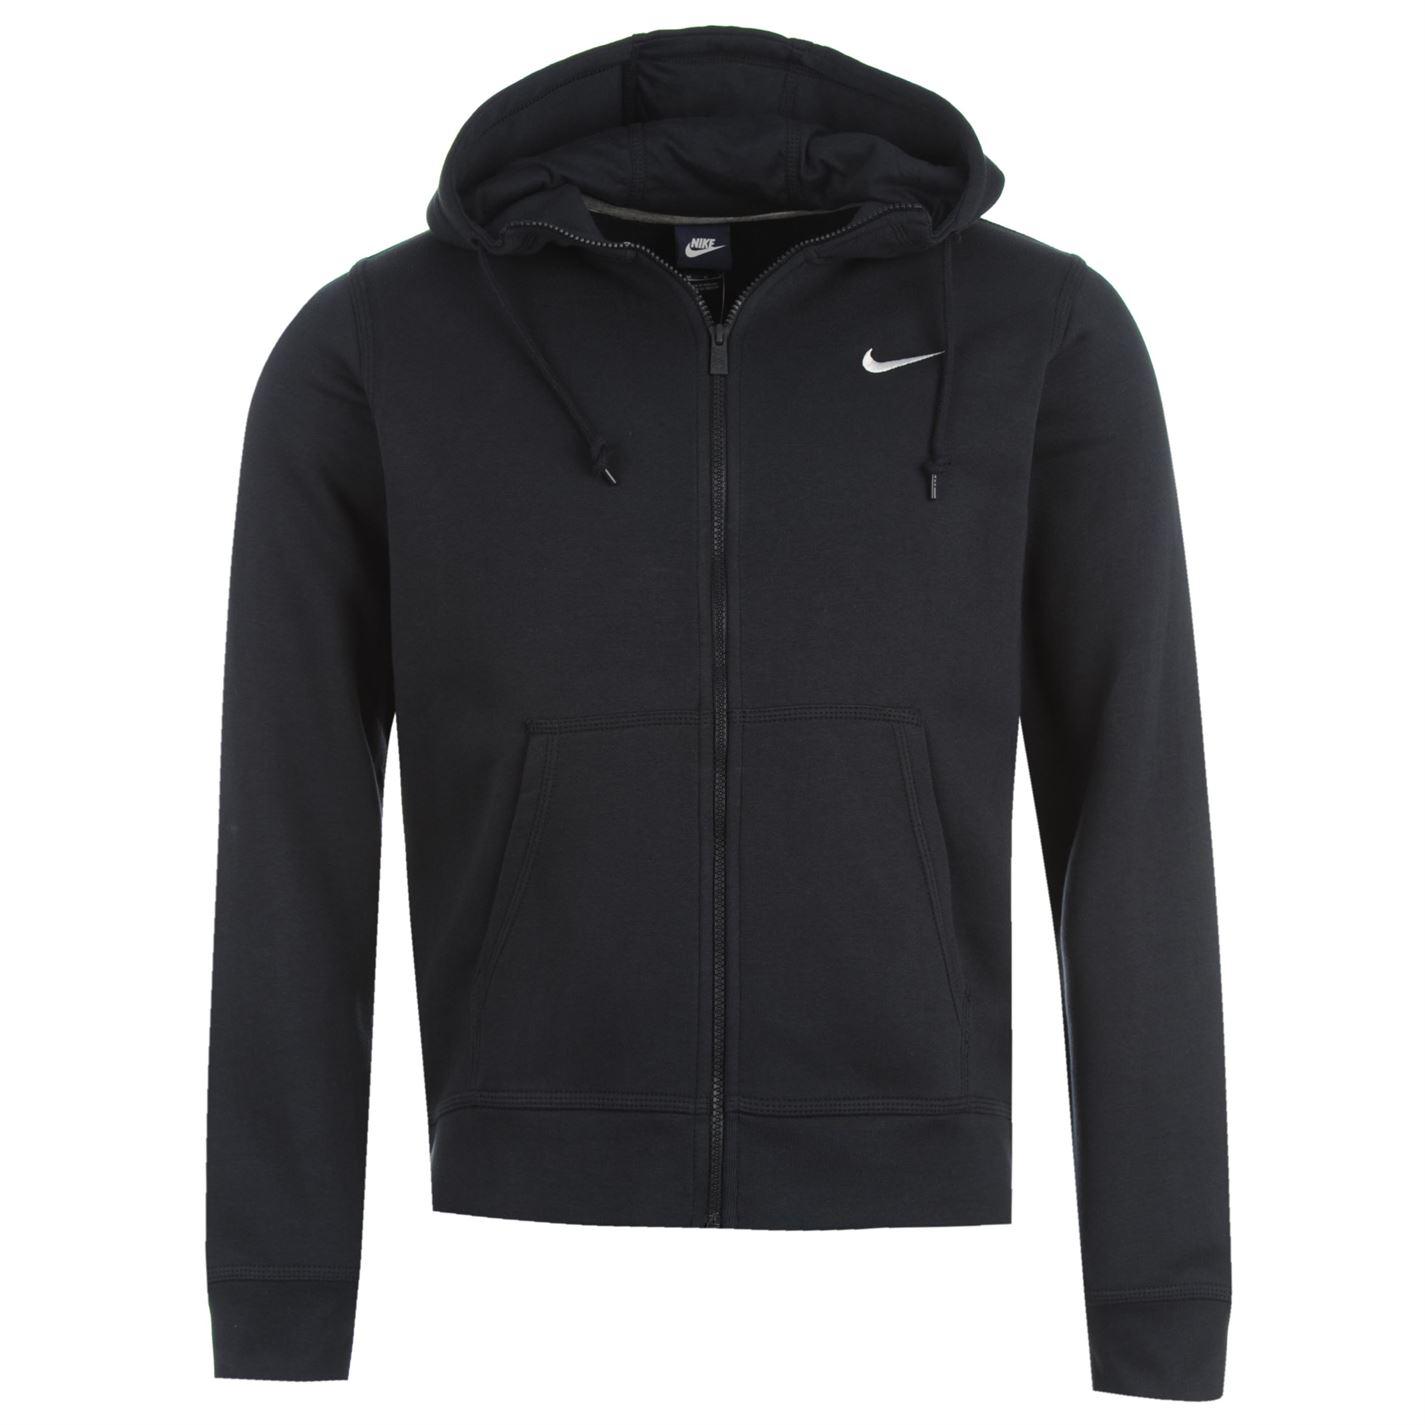 Nike Fundamentals Full Zip Hoody Mens